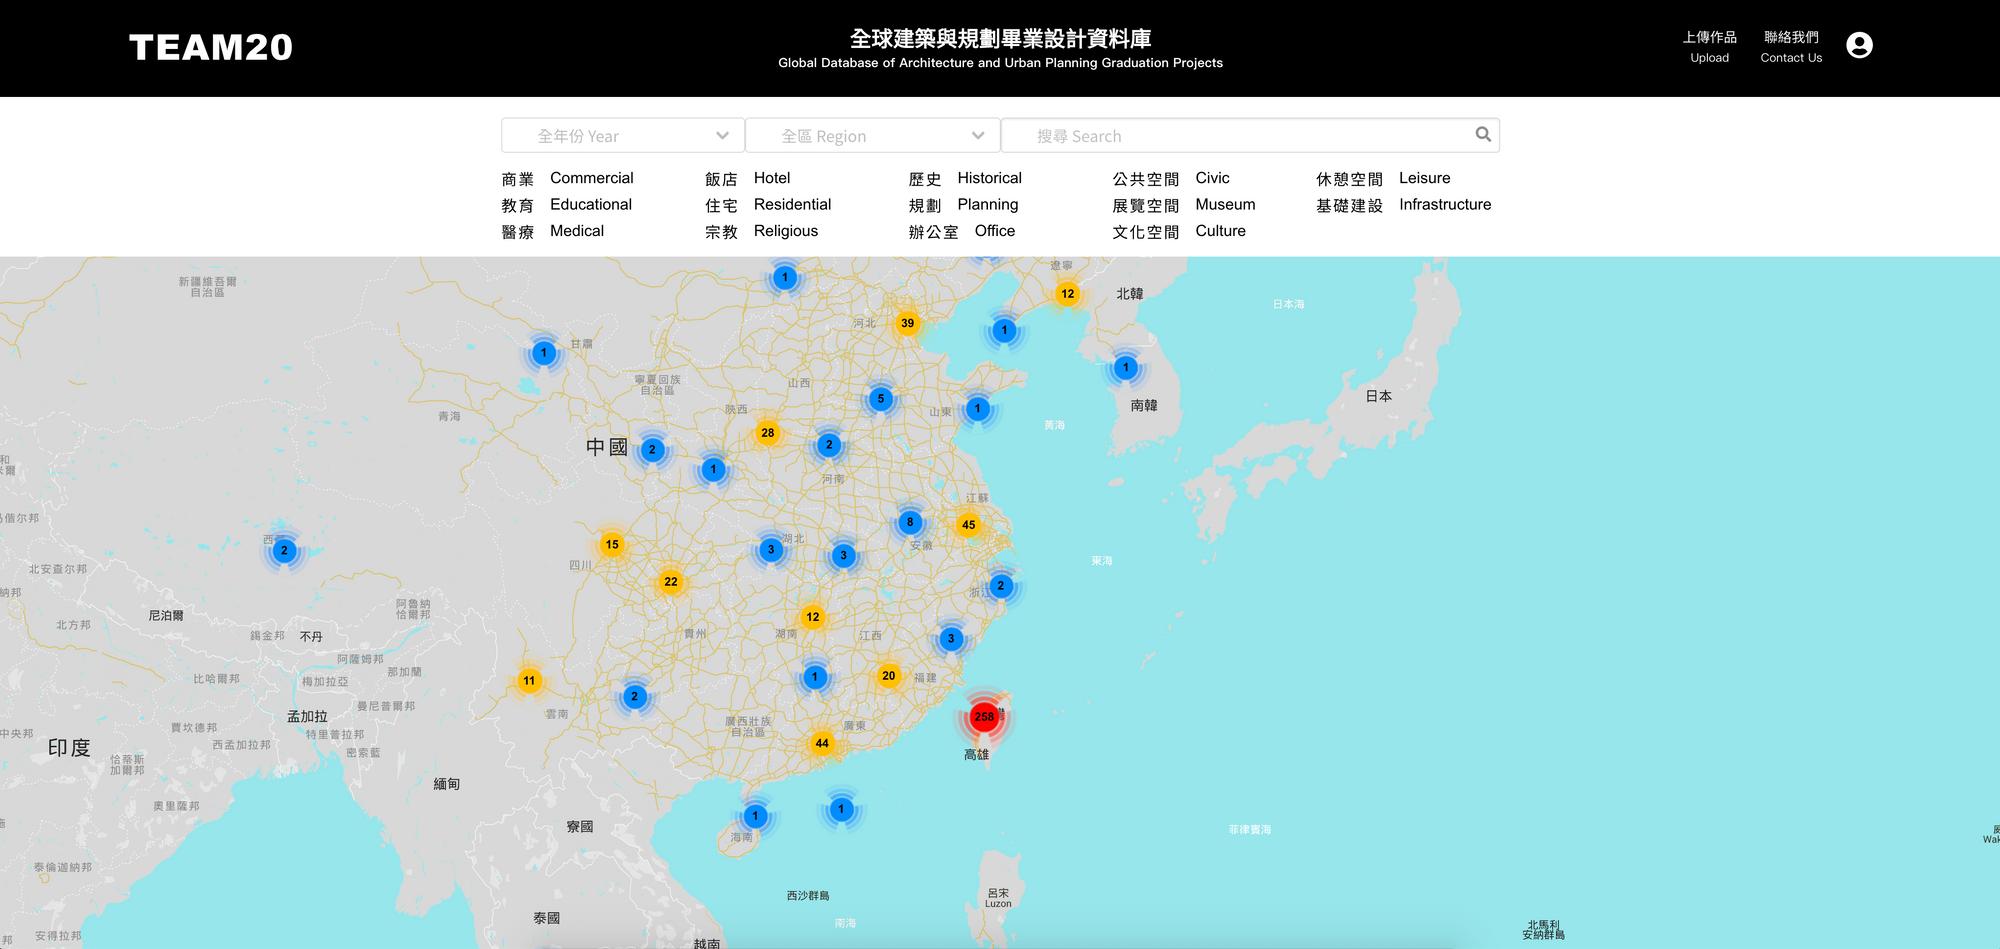 全球建築與規劃畢業設計資料庫 TEAM20 Map 介紹